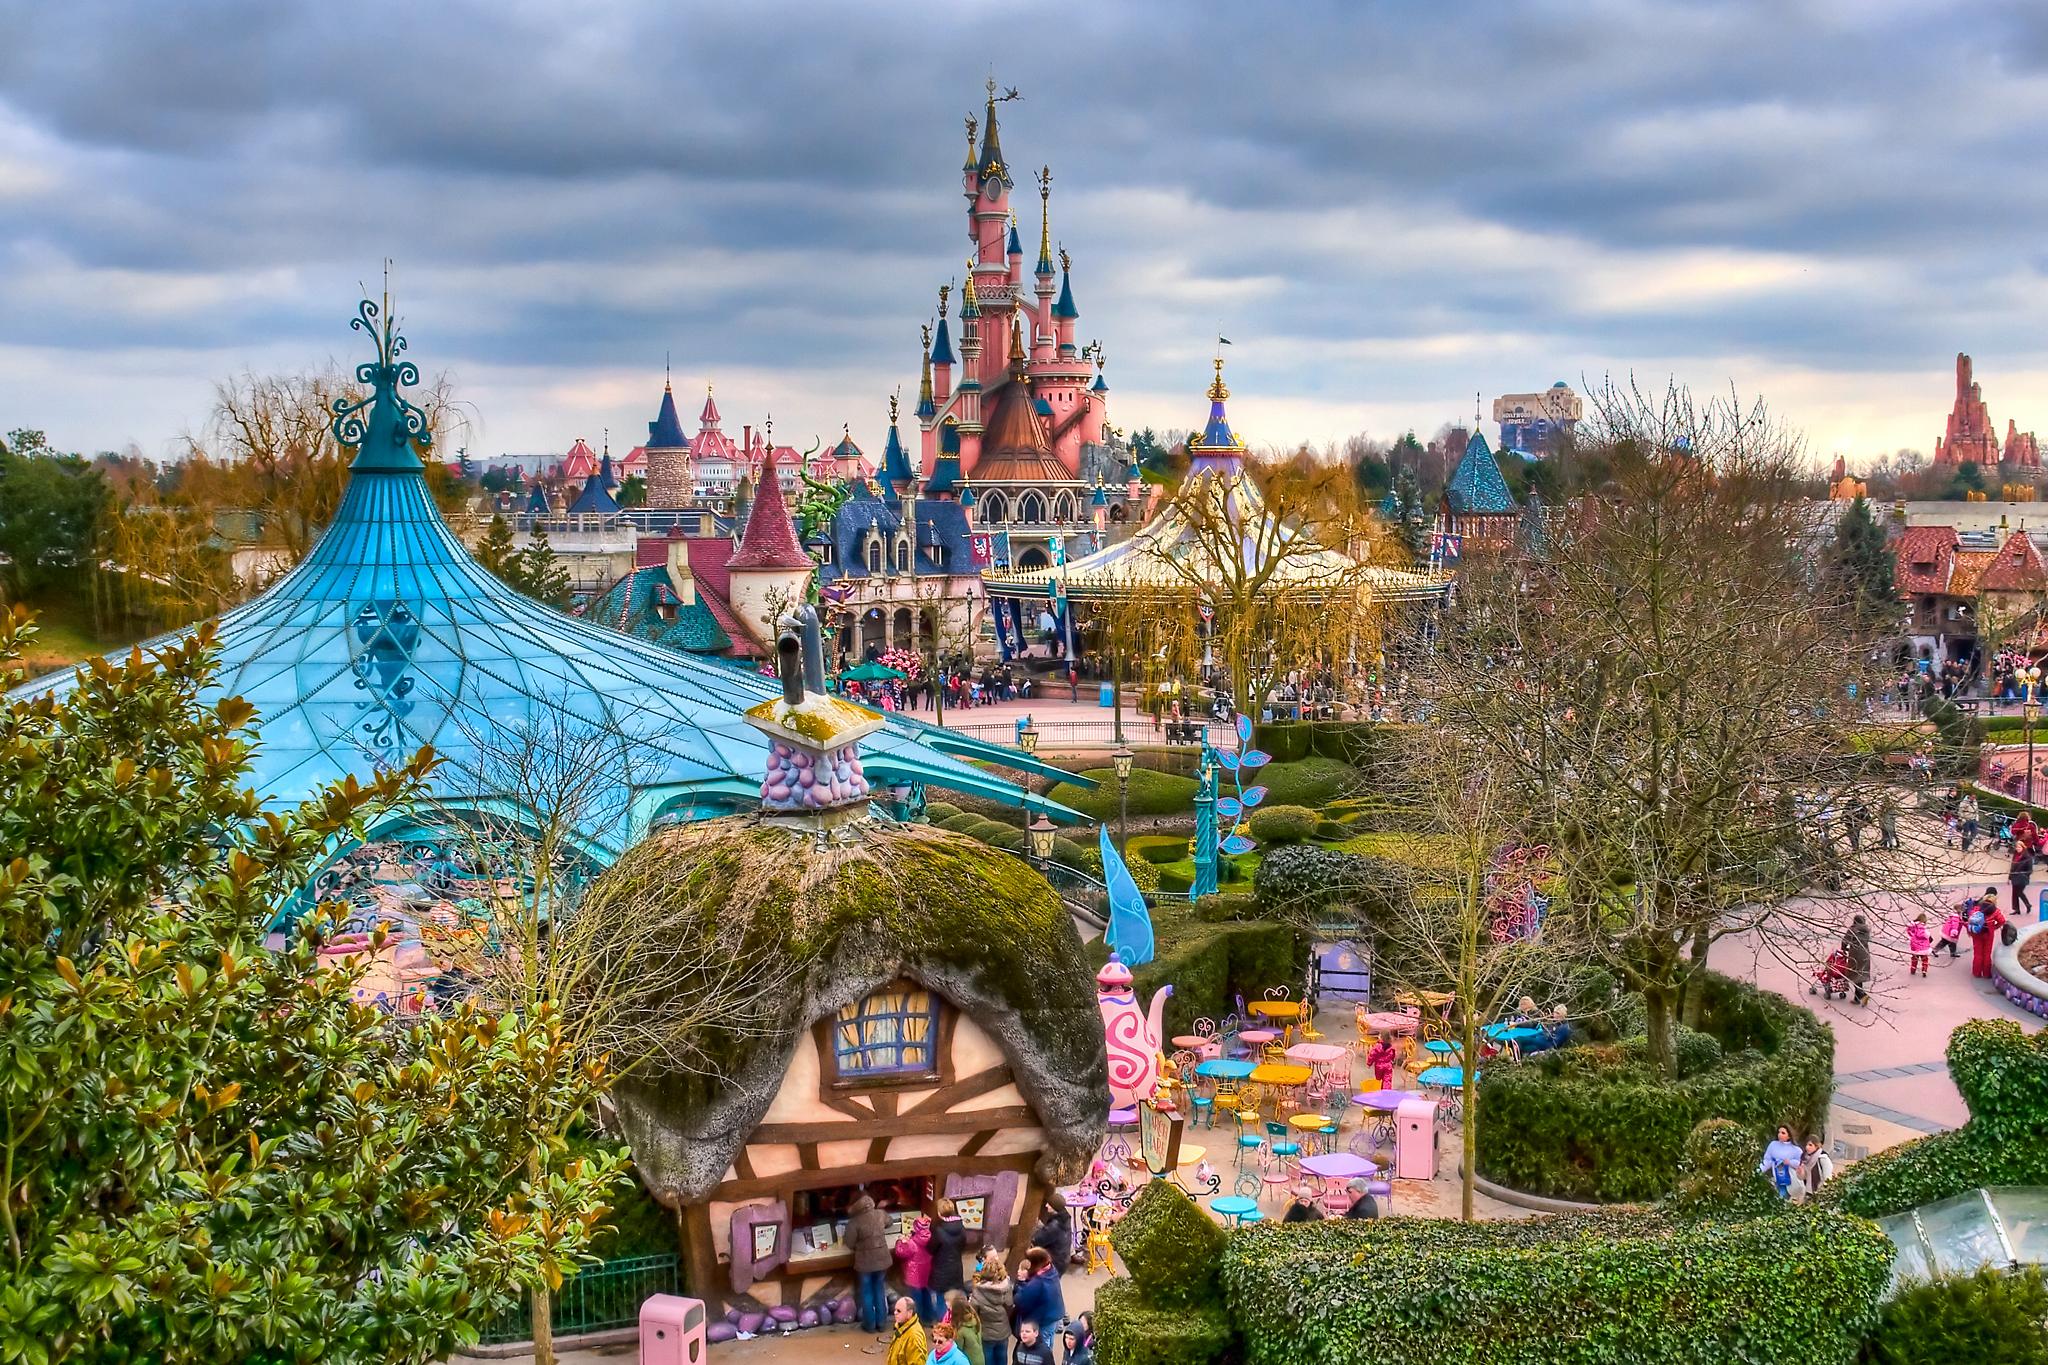 Дисниленд Париж има два тематични парка: Дисниленд (със замък) и Walt Disney Studios.